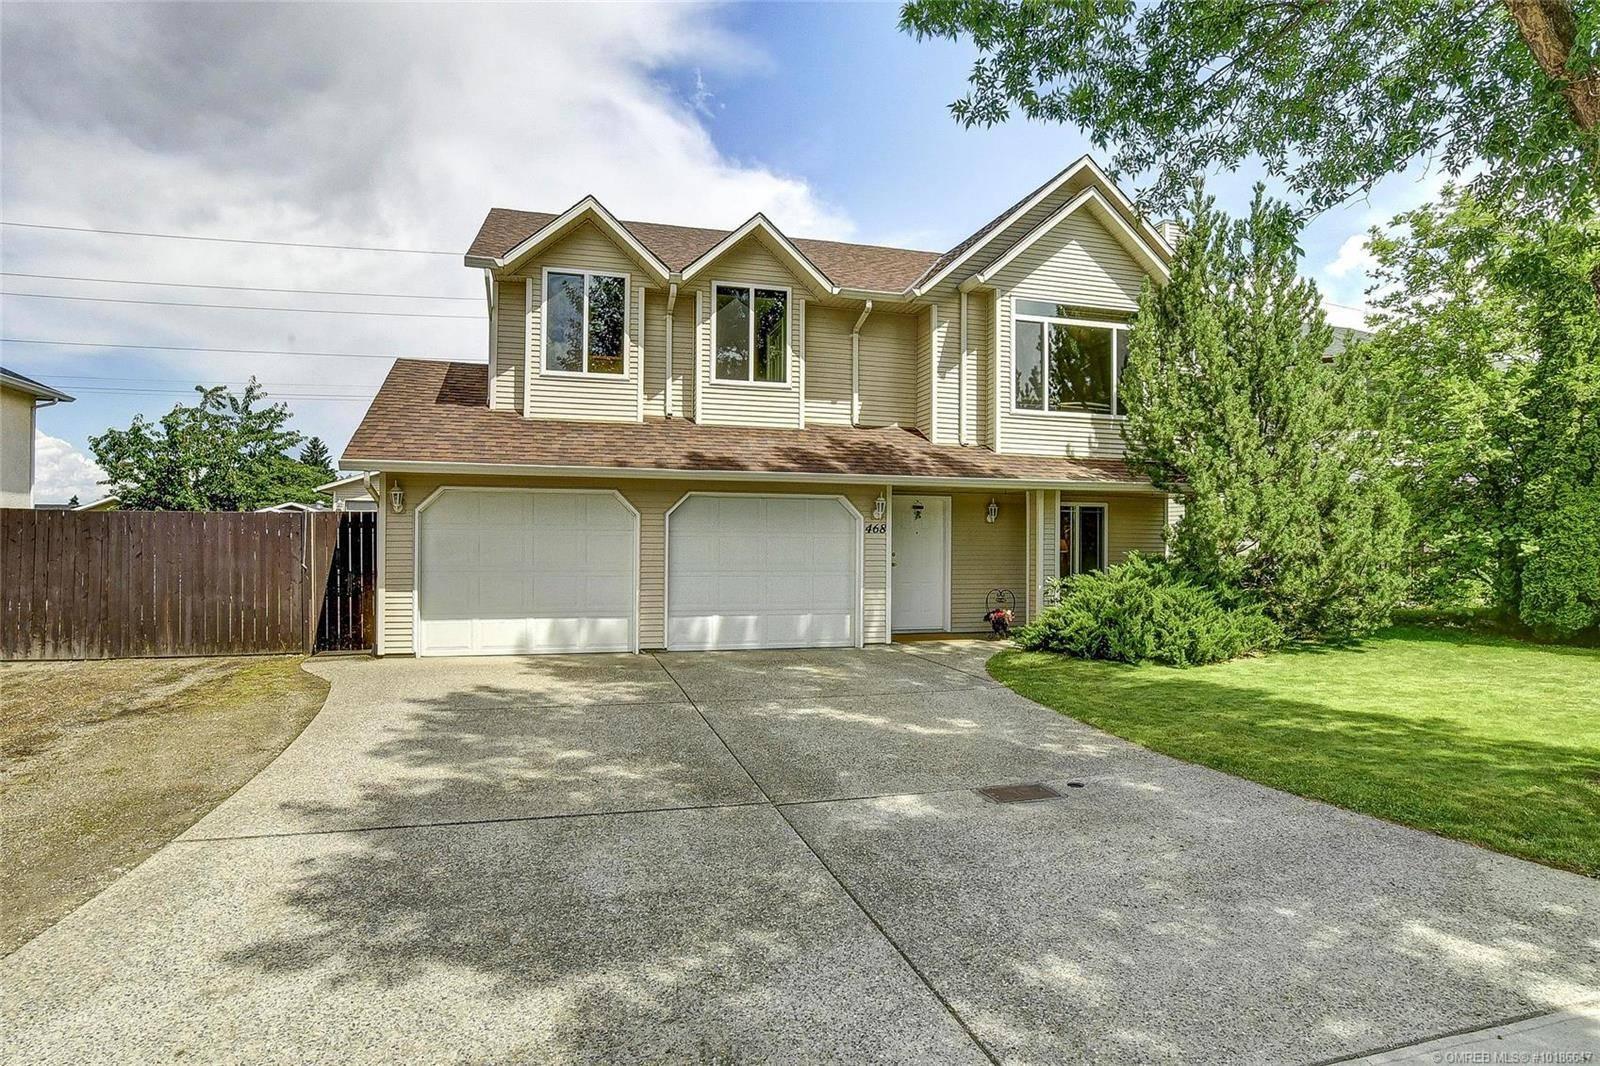 House for sale at 468 Klassen Rd Kelowna British Columbia - MLS: 10186647